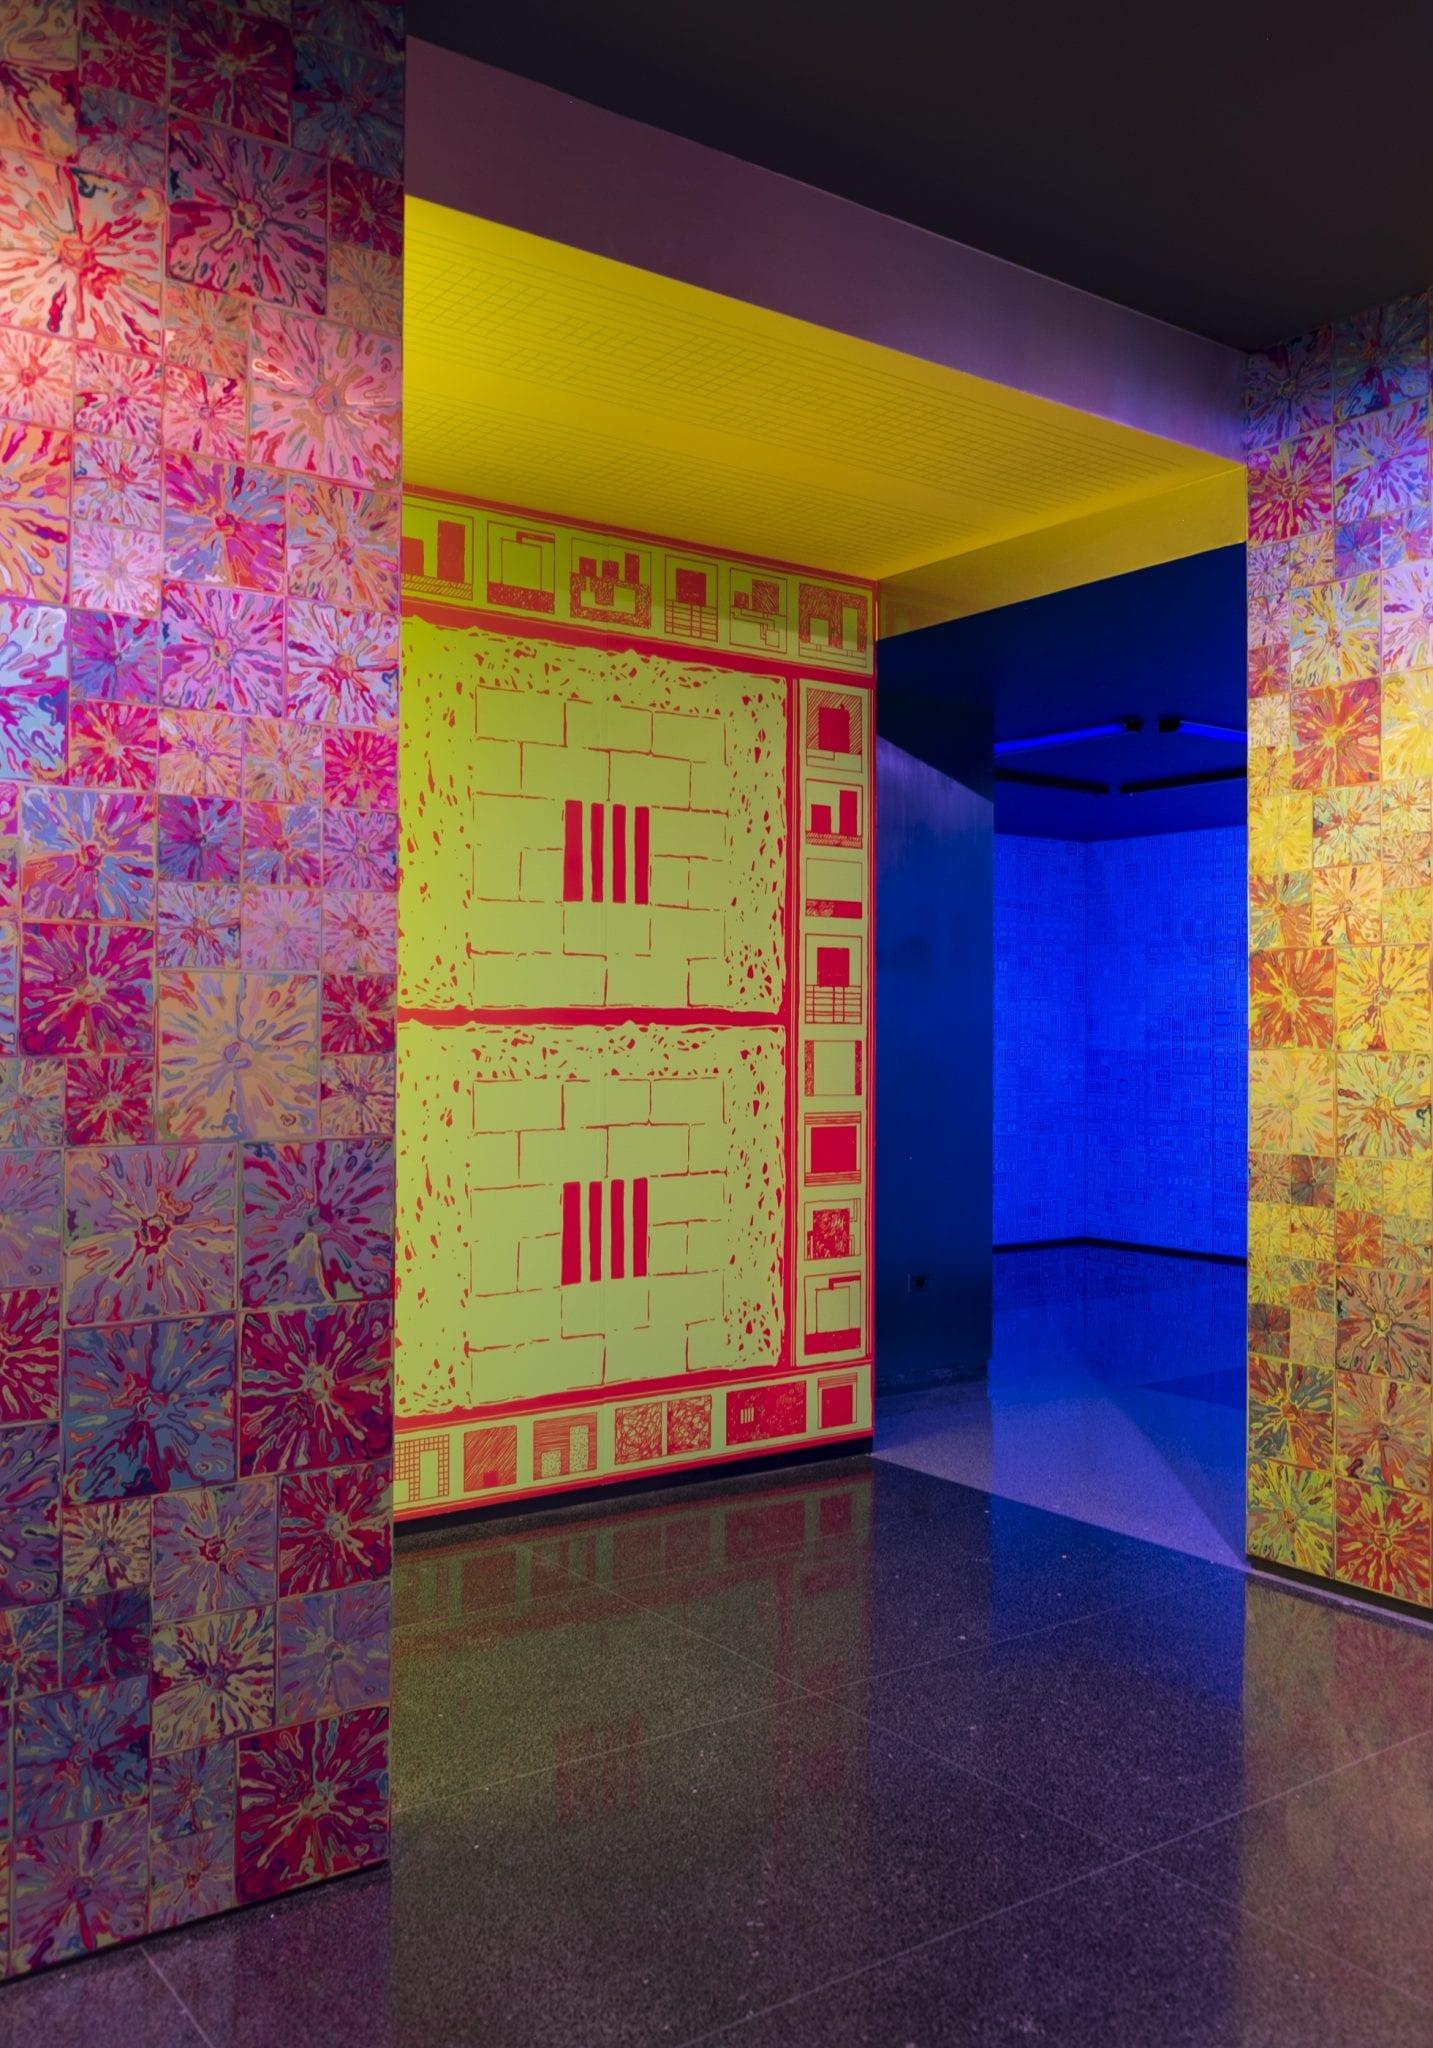 Profumo di Biennale: gli ambienti fluorescenti di Peter Halley arrivano a Venezia